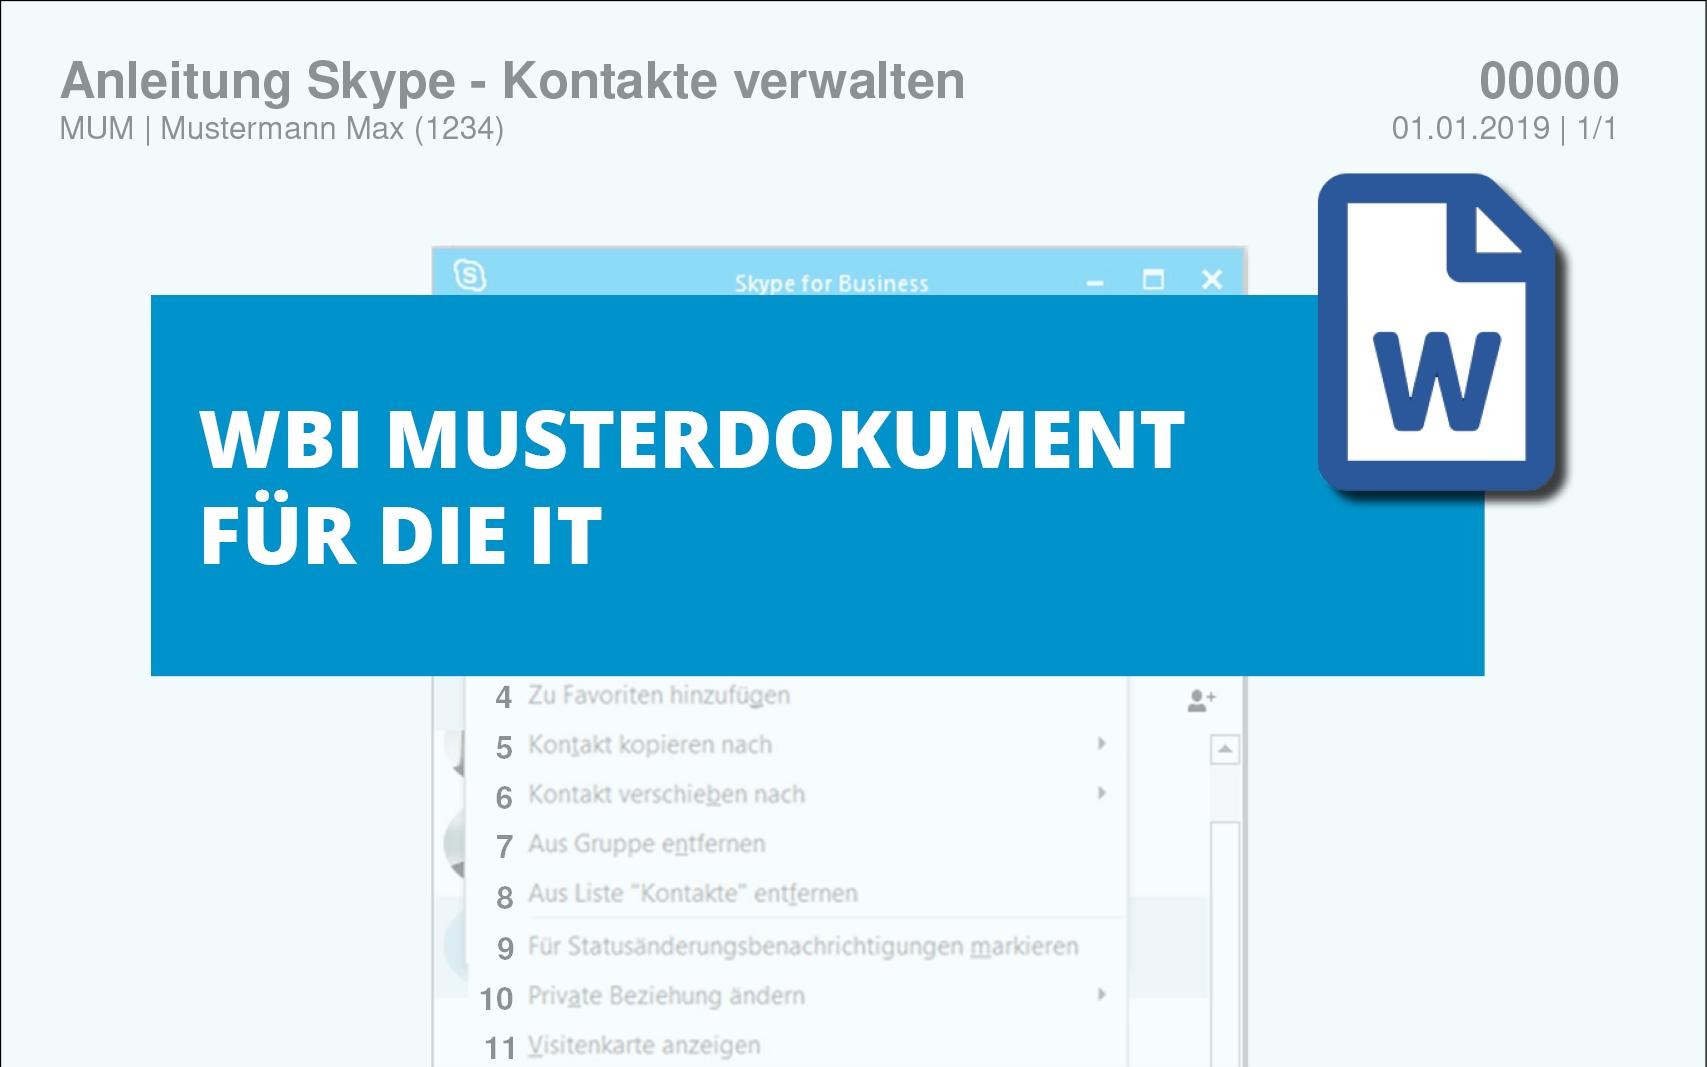 anleitung-skype-kontakte-verwalten